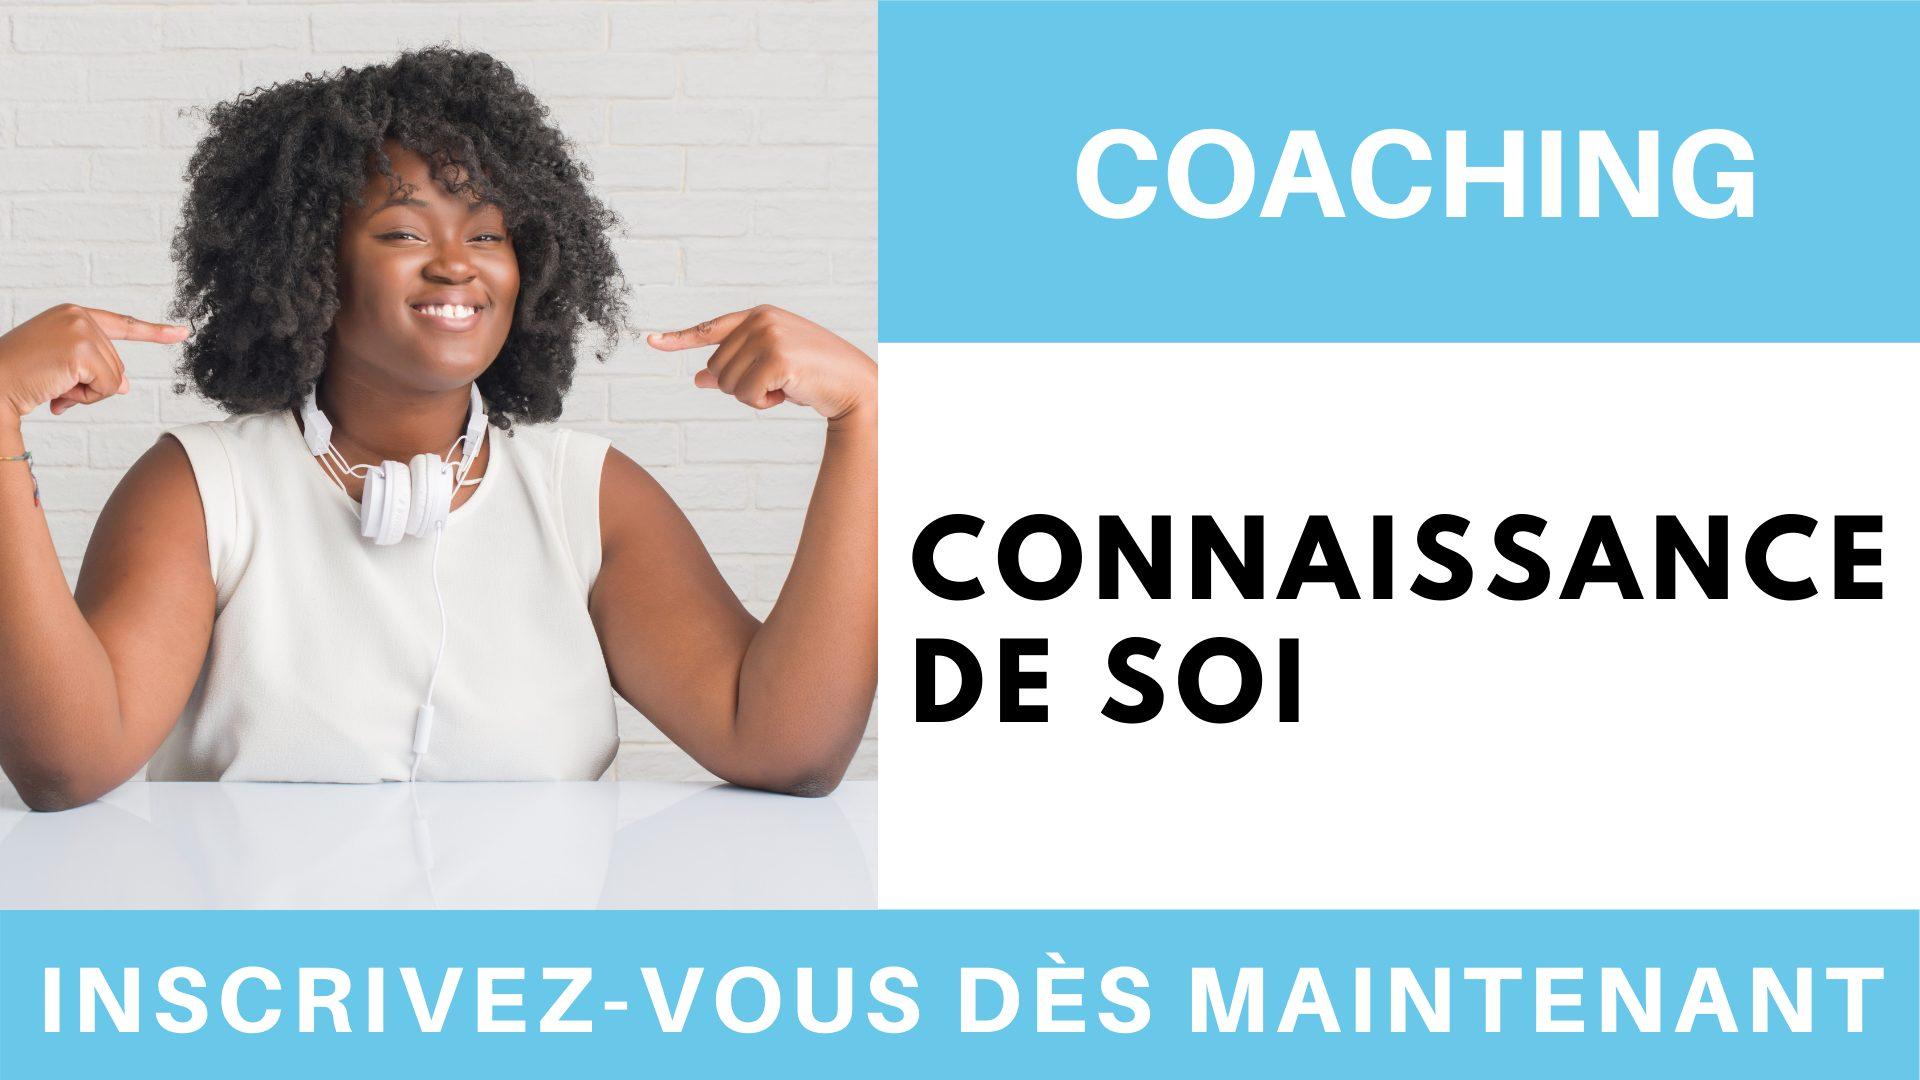 Coaching connaissance de soi